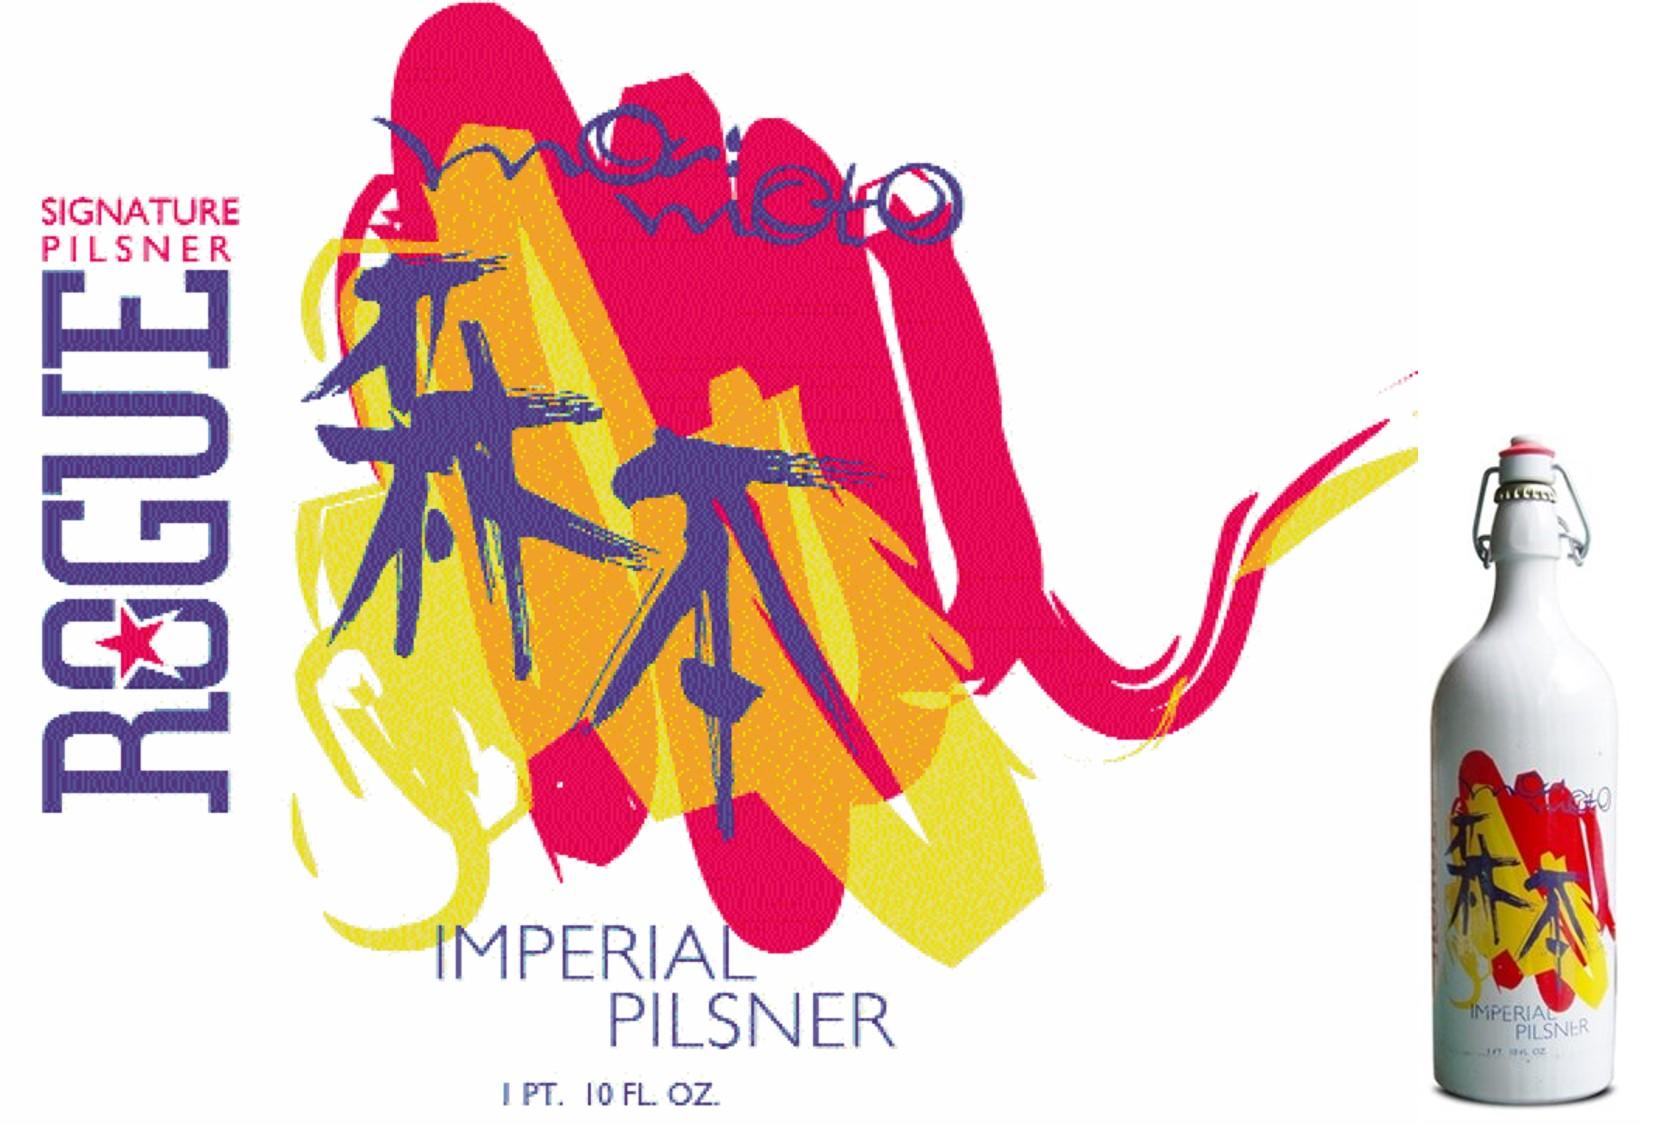 Imperial Pilsner